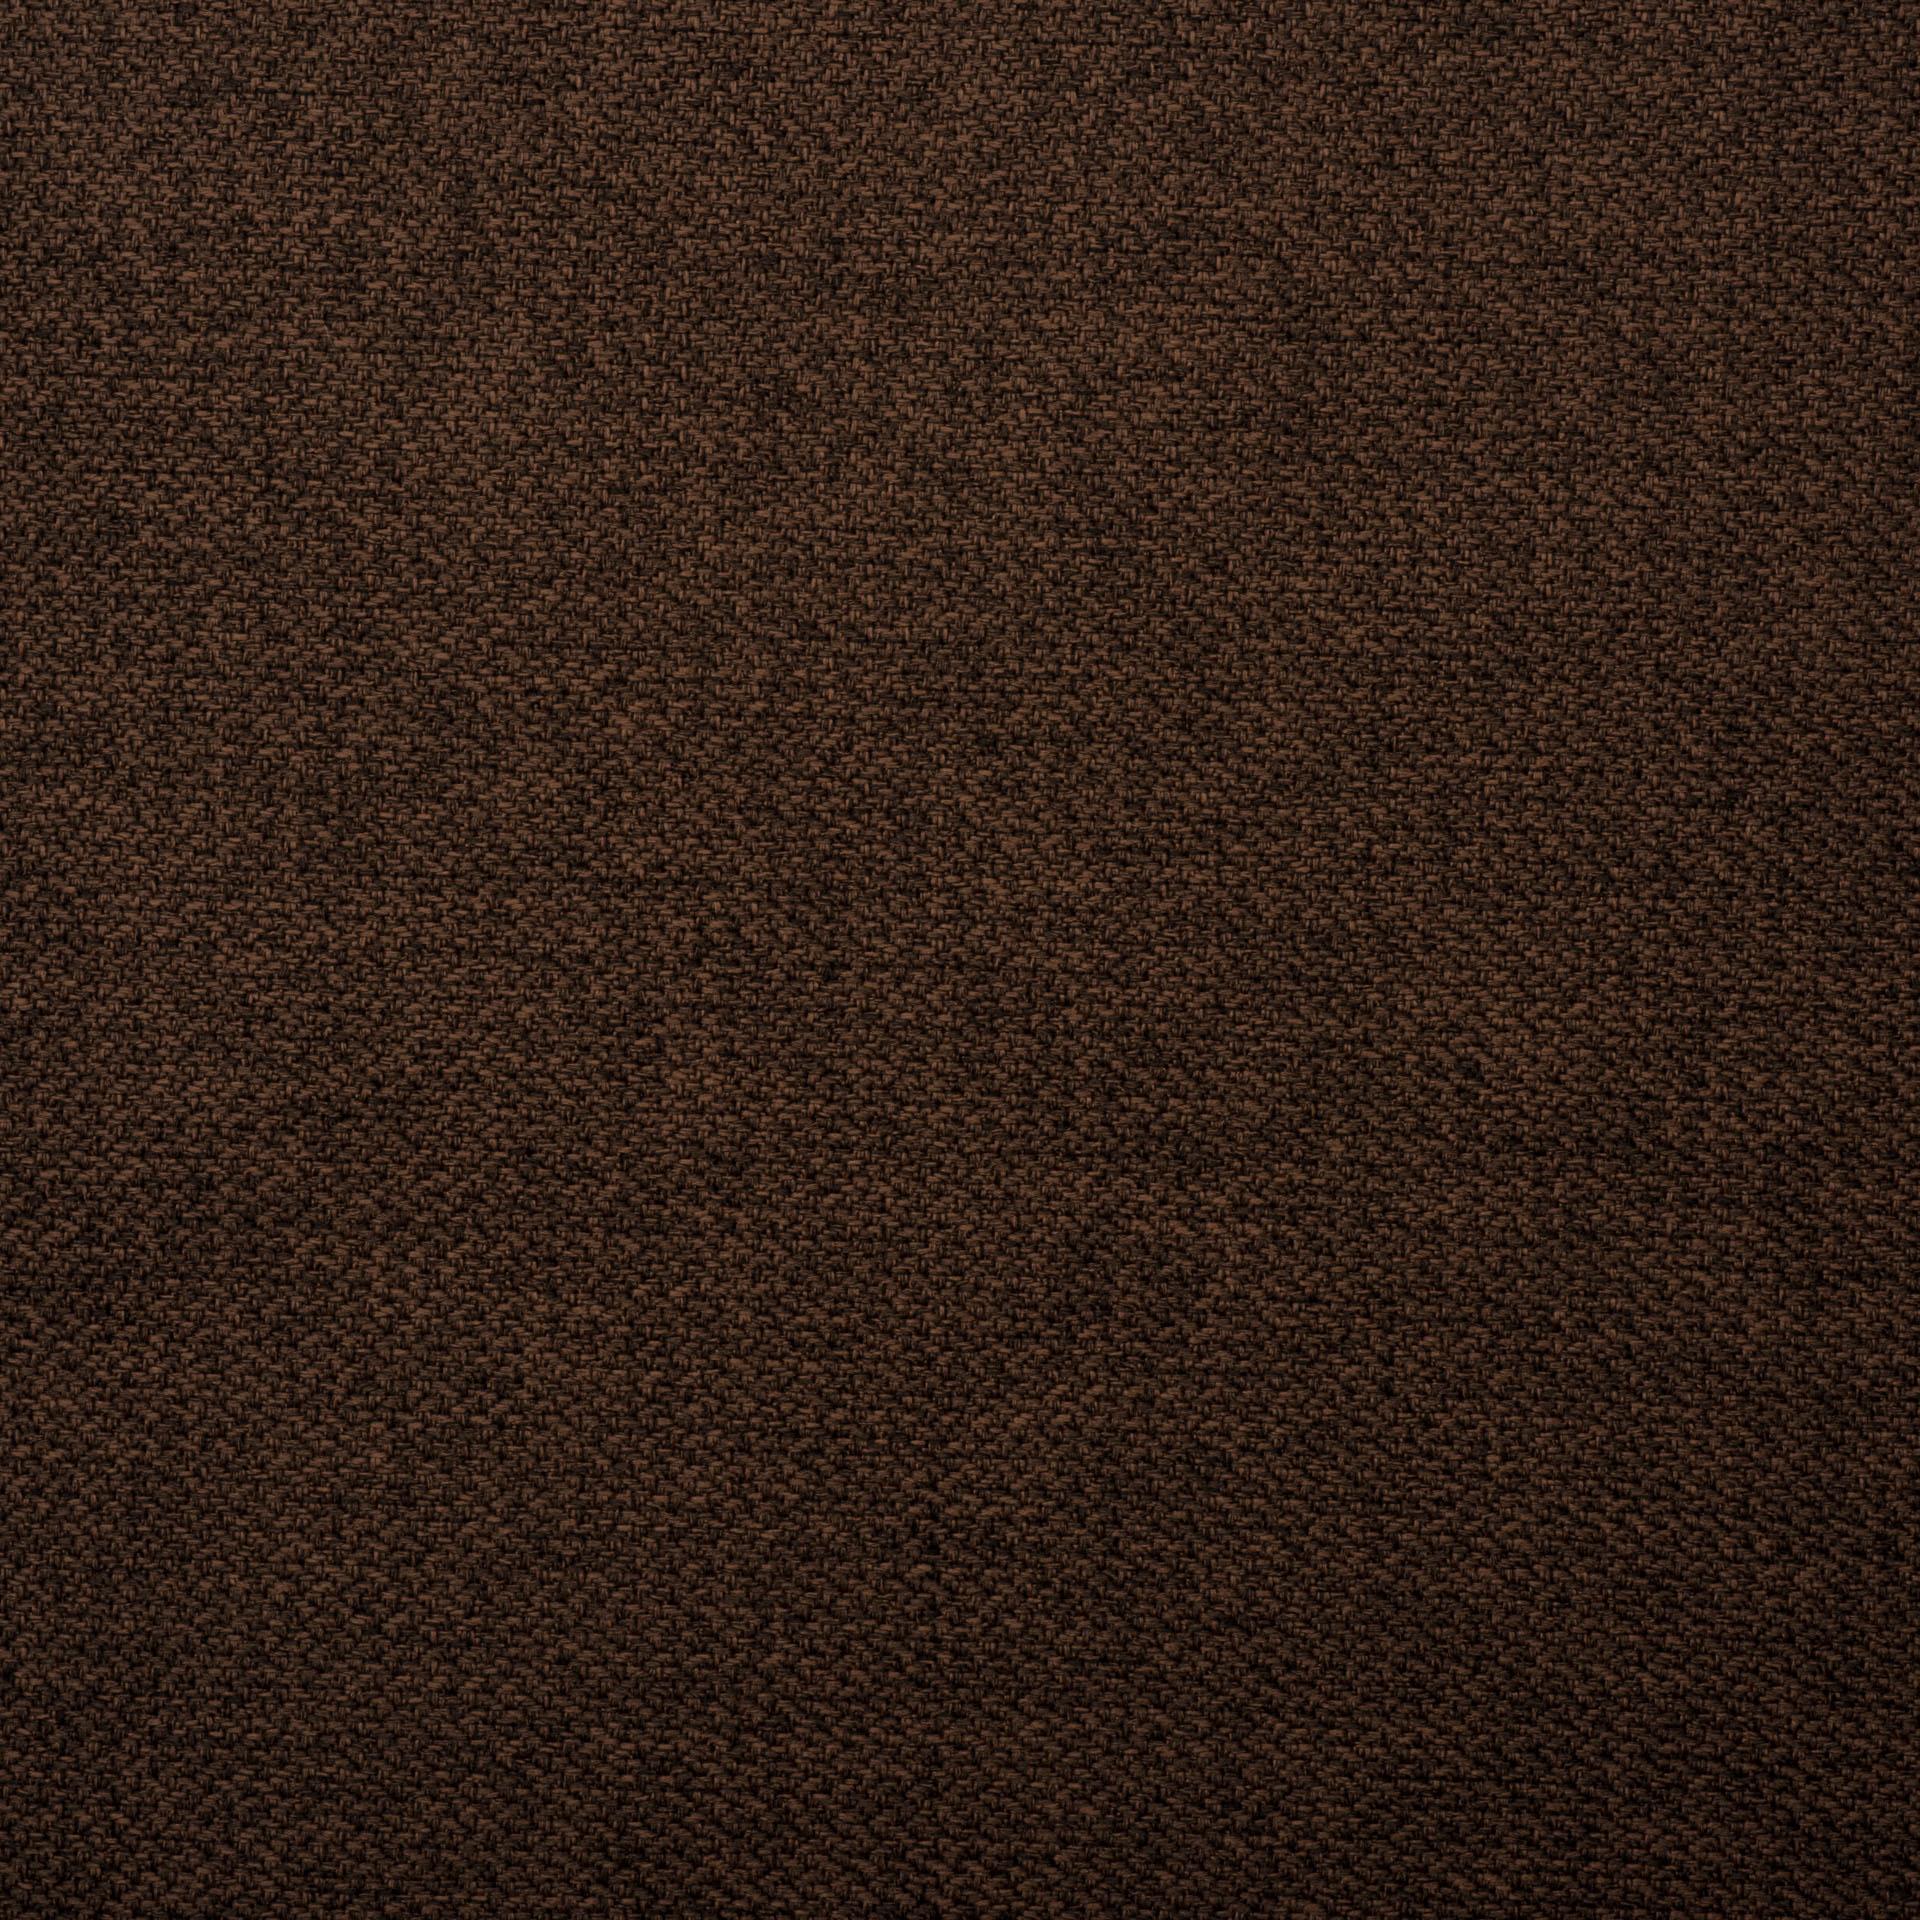 Коллекция ткани Мальмо RUSSET 26,  купить ткань Жаккард для мебели Украина